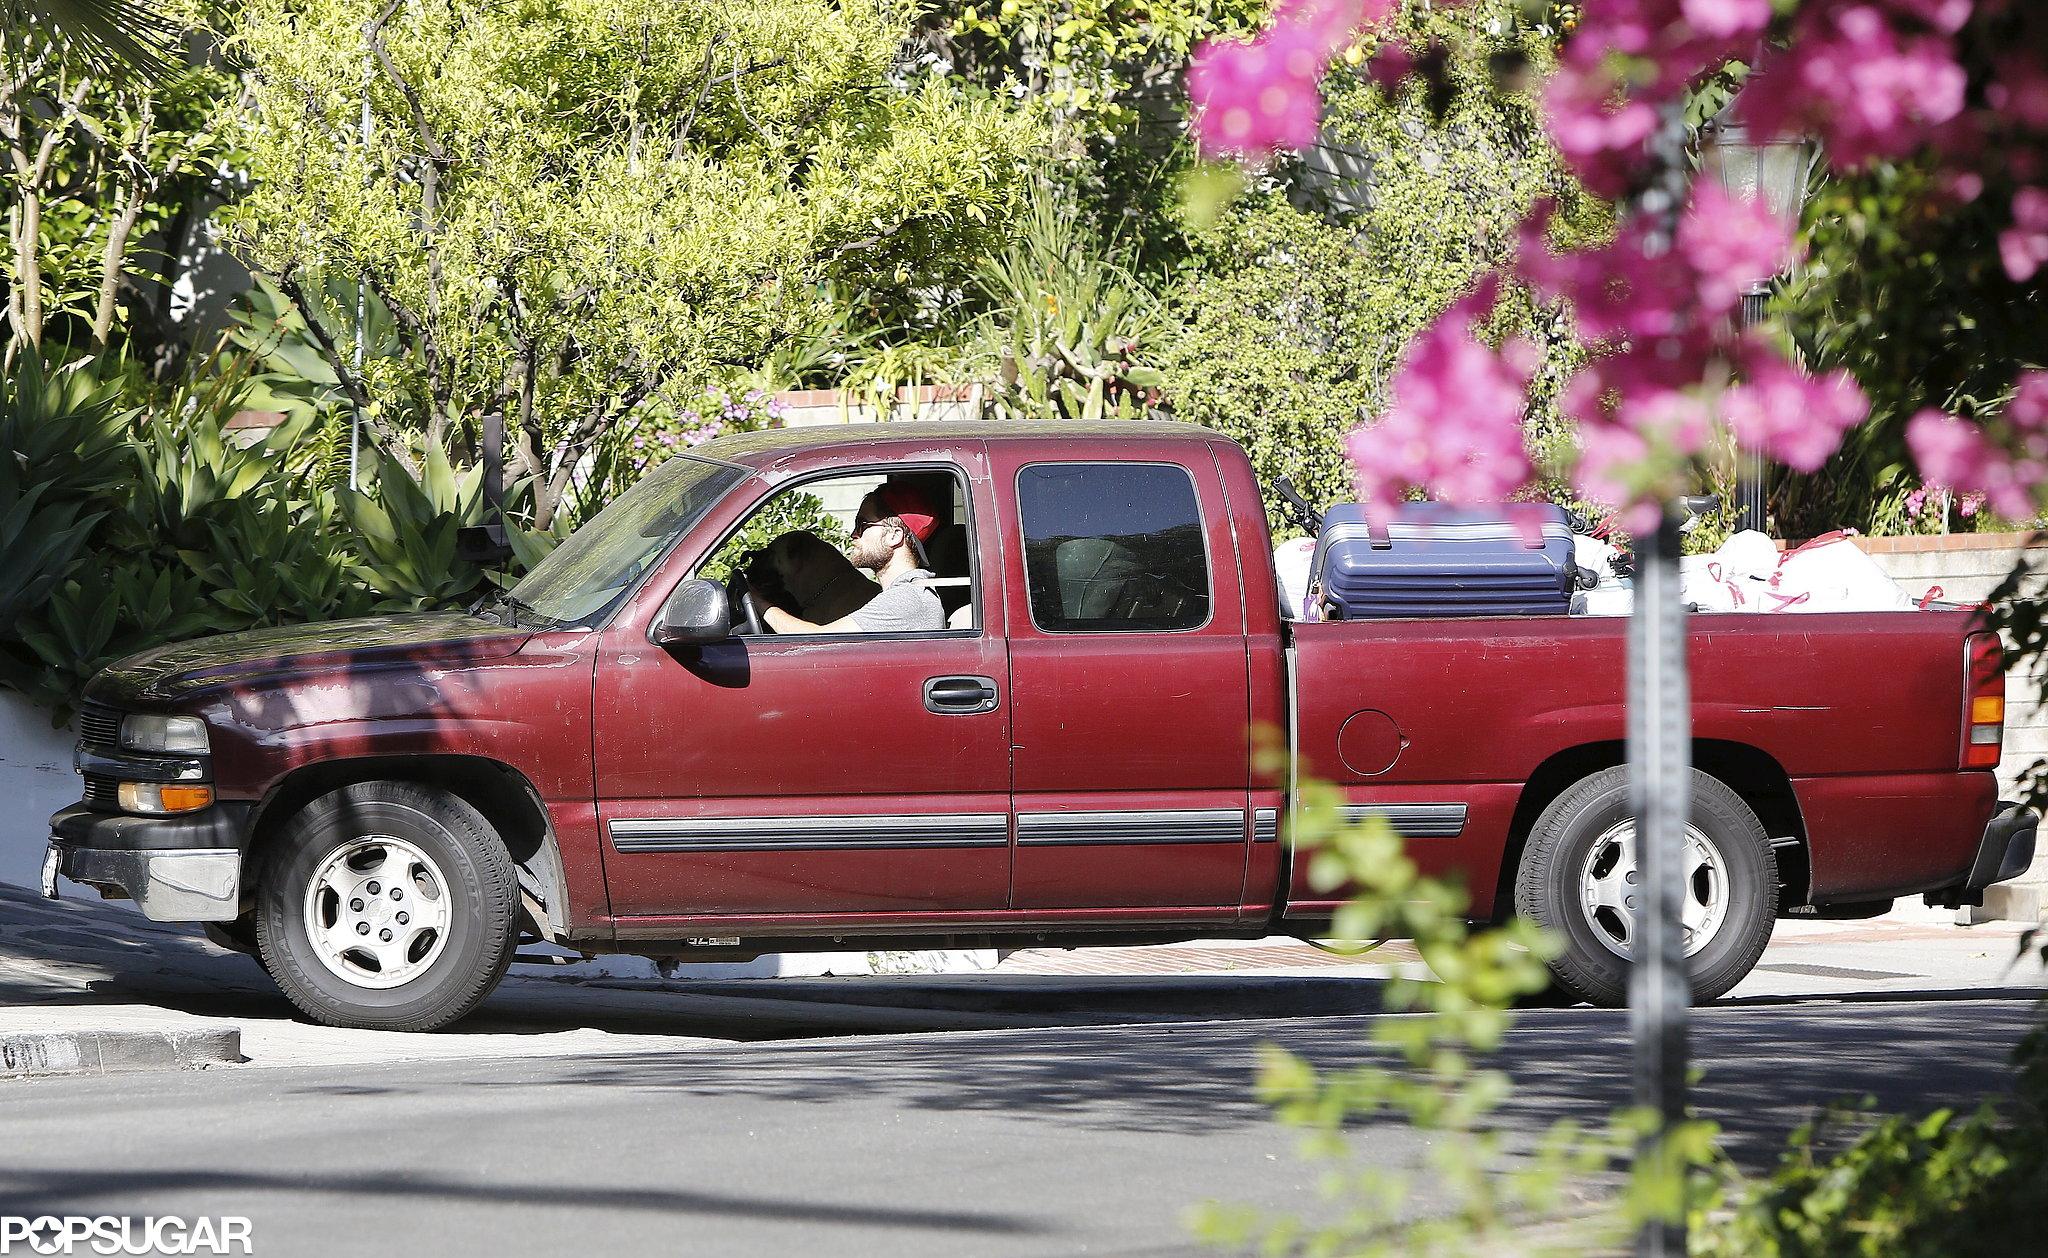 Robert Pattinson drove through Los Feliz.